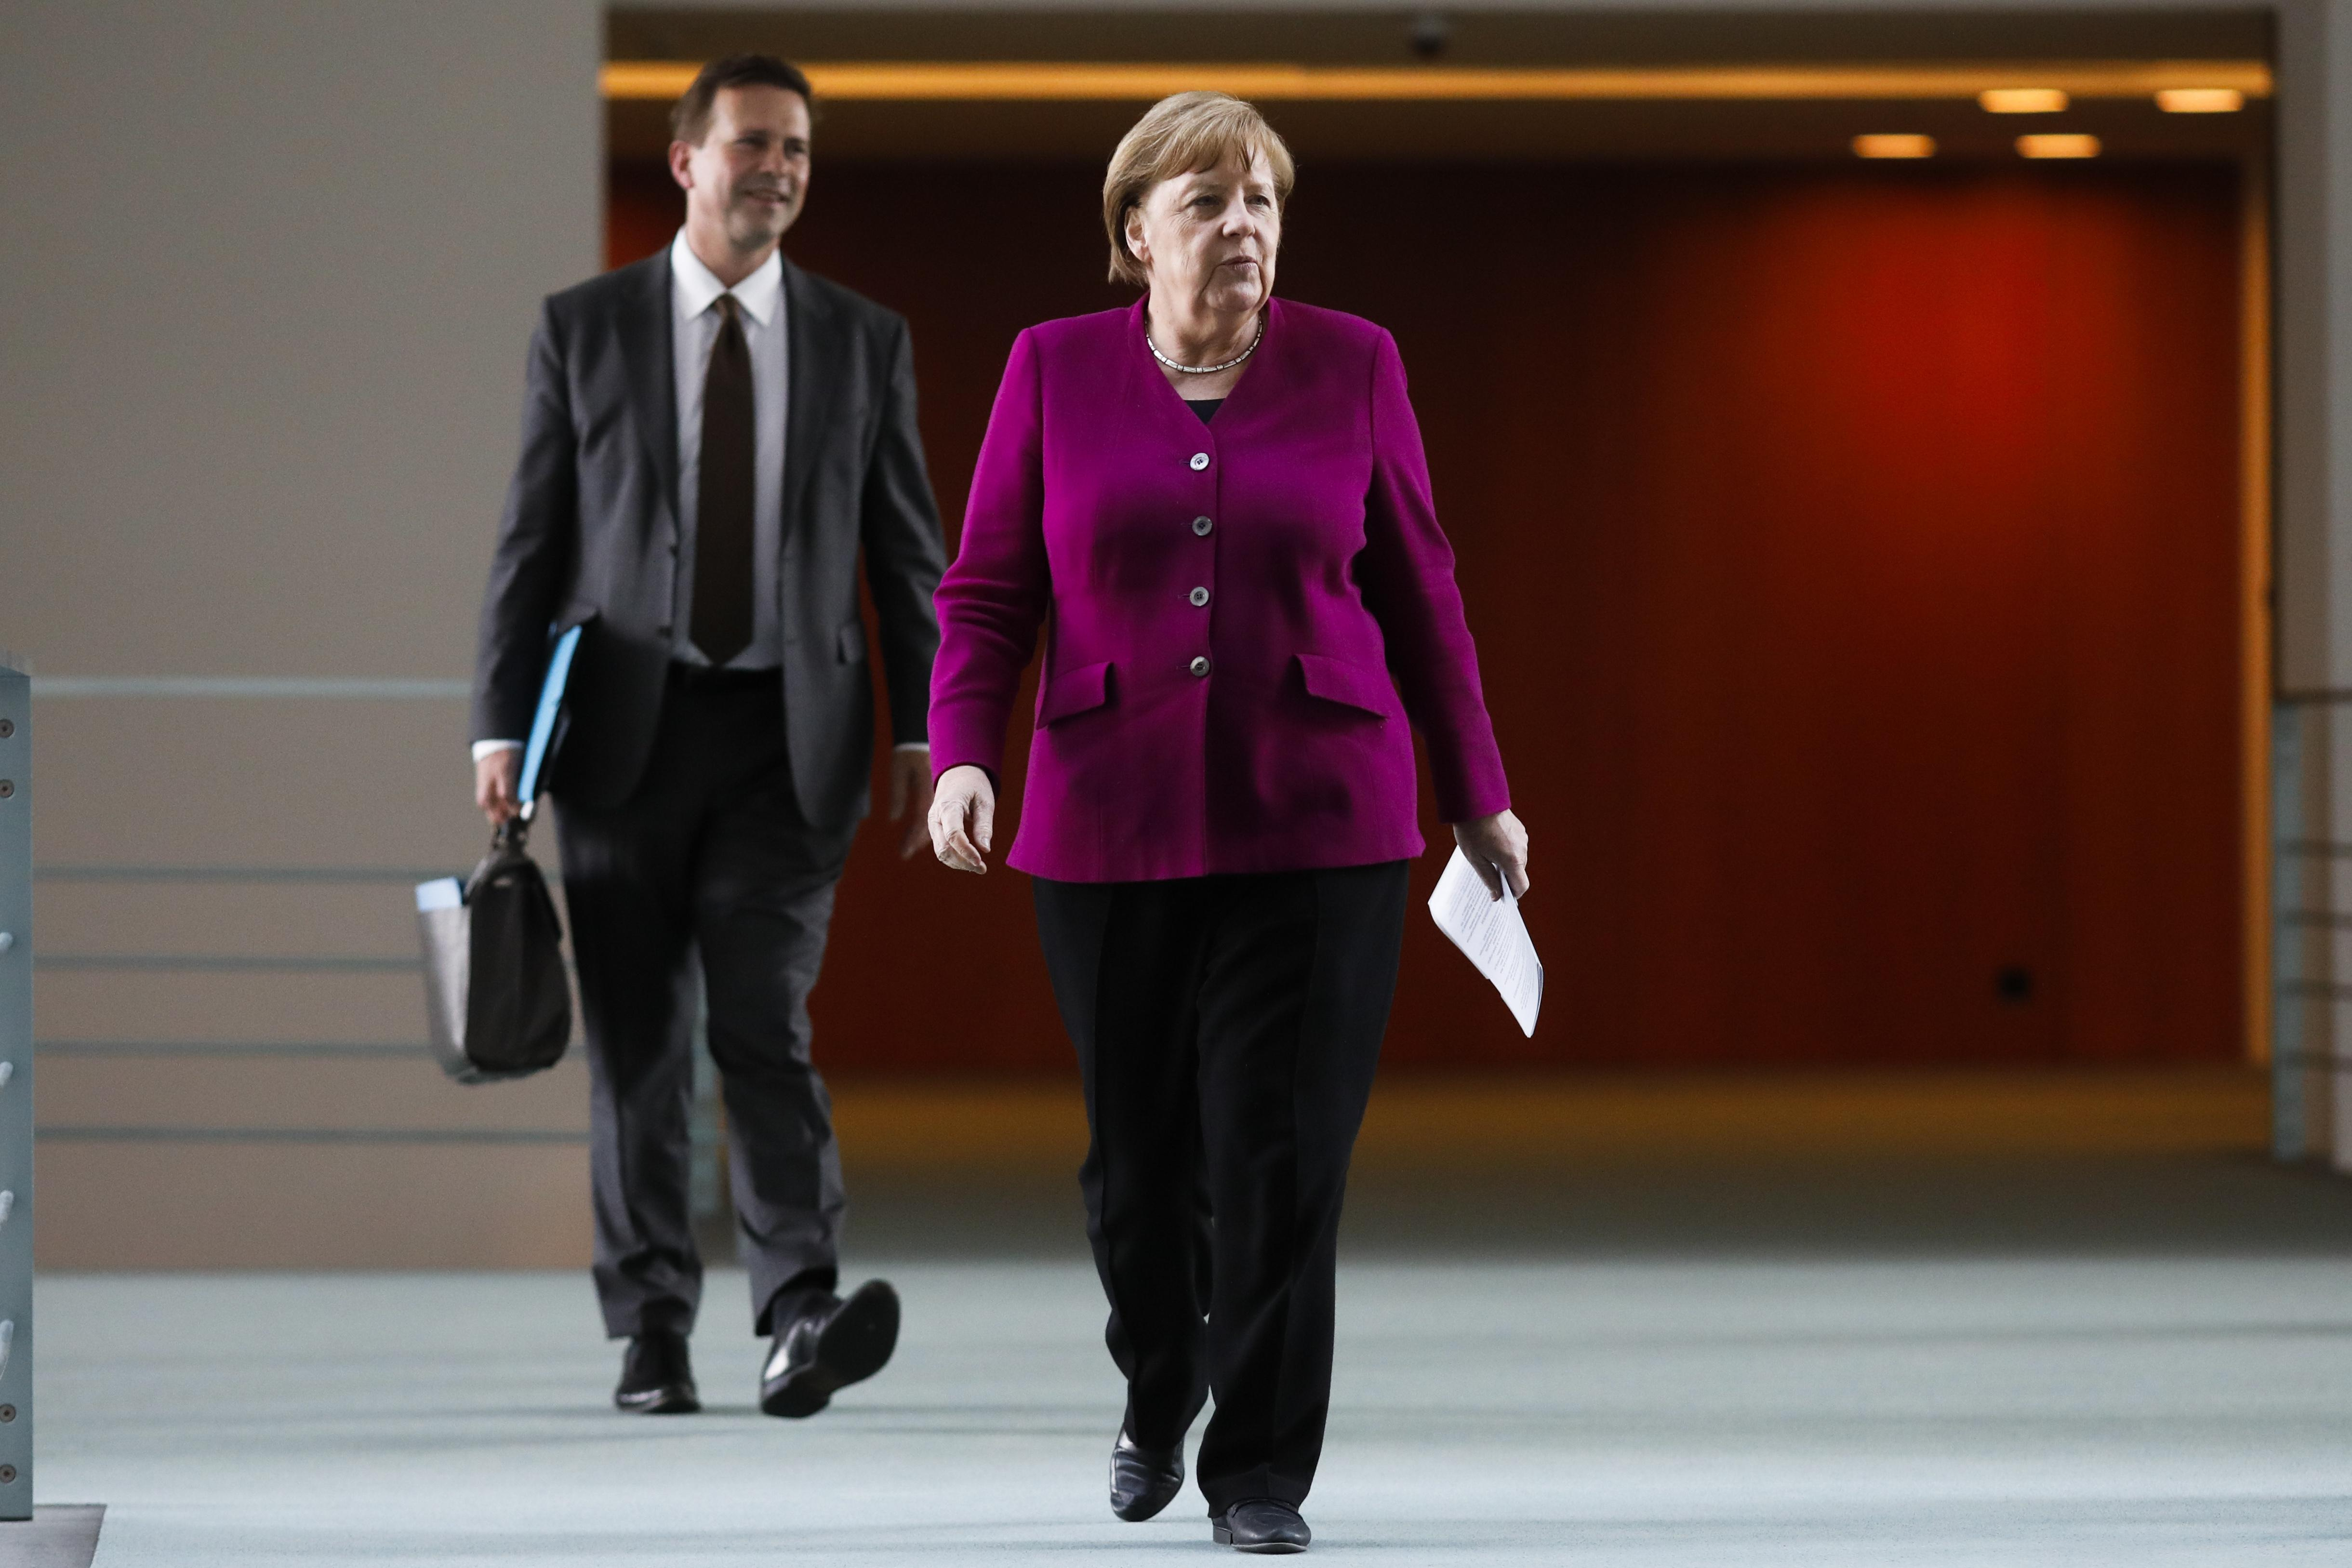 Corona-Krise: Merkel besteht weiterhin auf verpflichtenden Mindestabstand